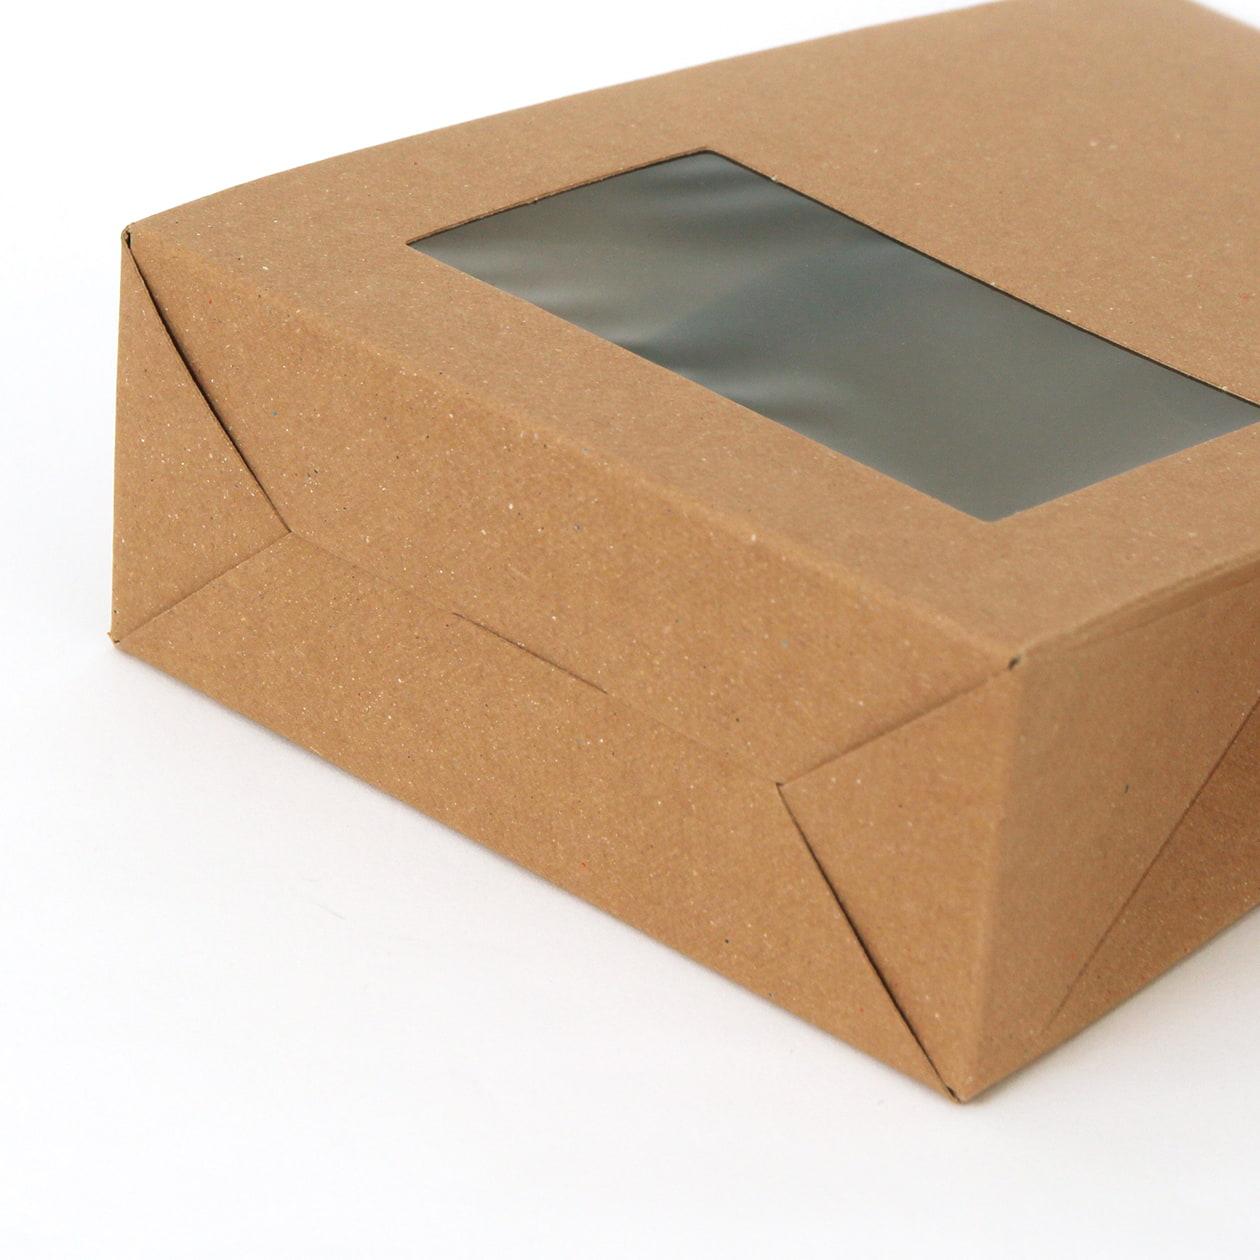 角底箱ロック式120×180×50 窓付 ボード紙 ブラウン 270g